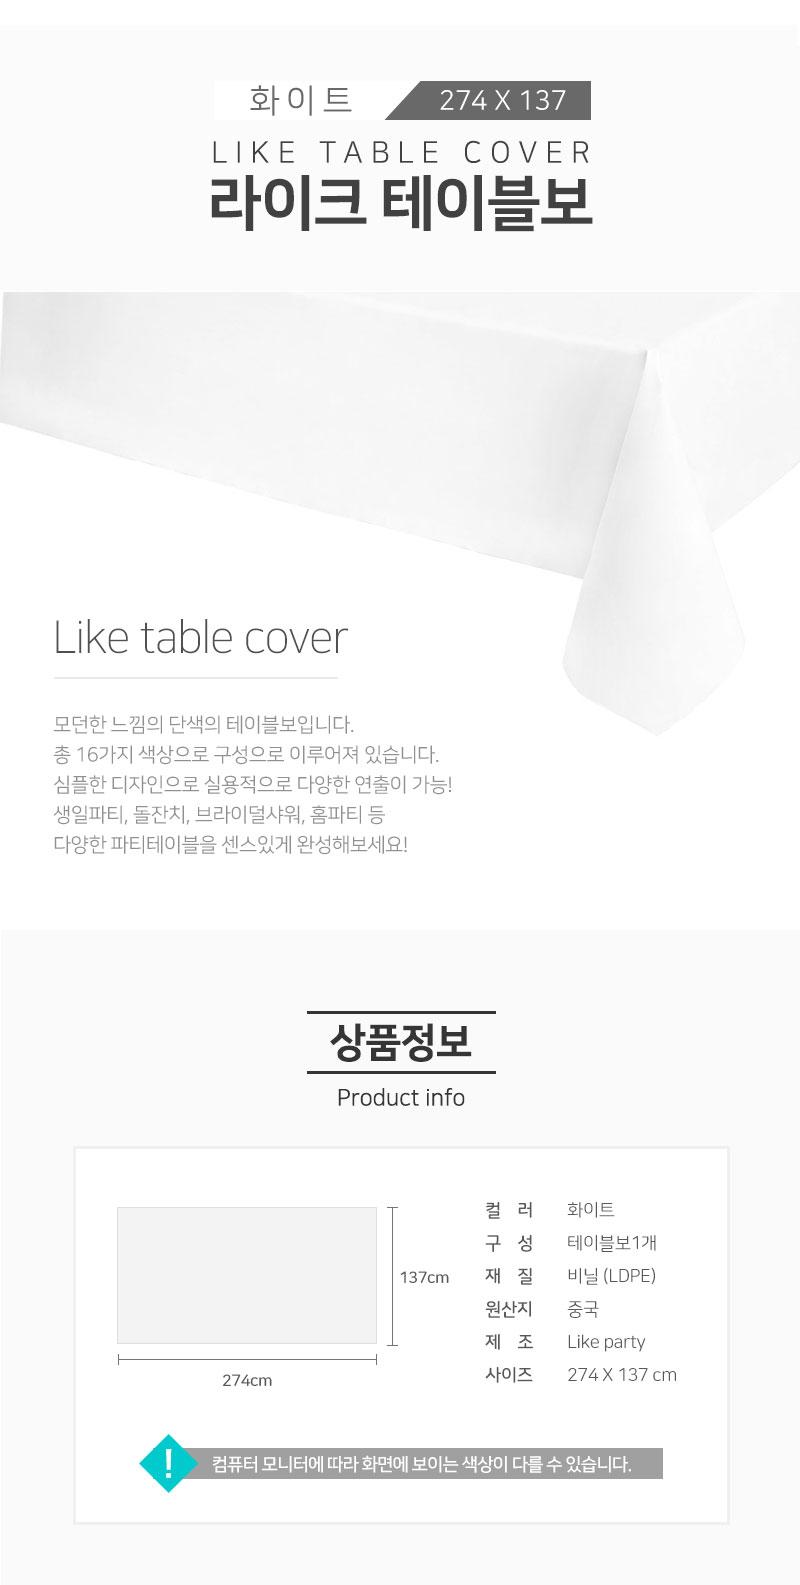 라이크 테이블보 [화이트] _partypang - 파티팡, 5,000원, 파티용품, 식기/테이블/세트